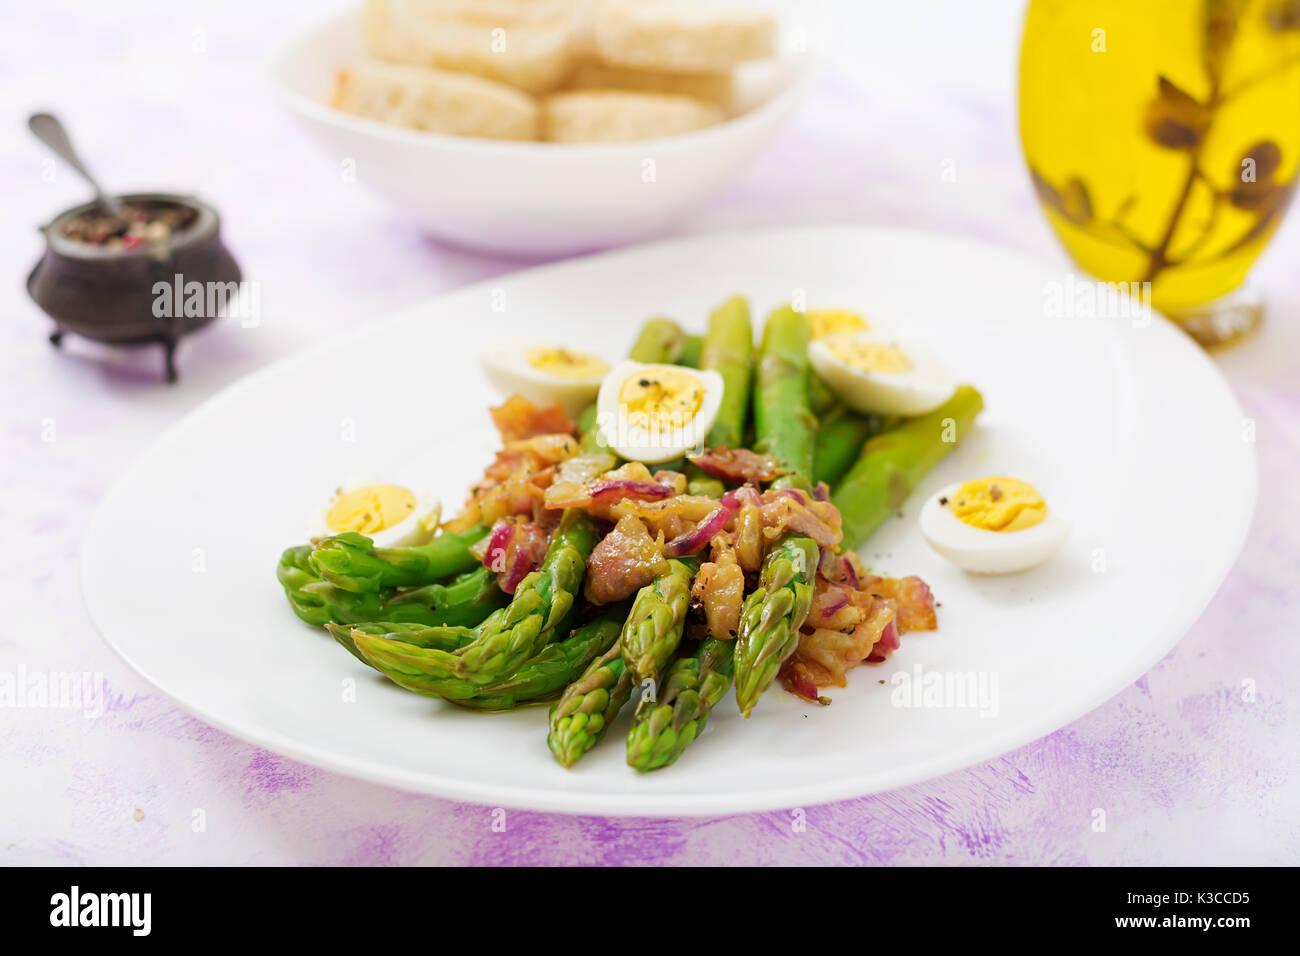 Los retoños de espárragos con jamón y huevos de codorniz Imagen De Stock